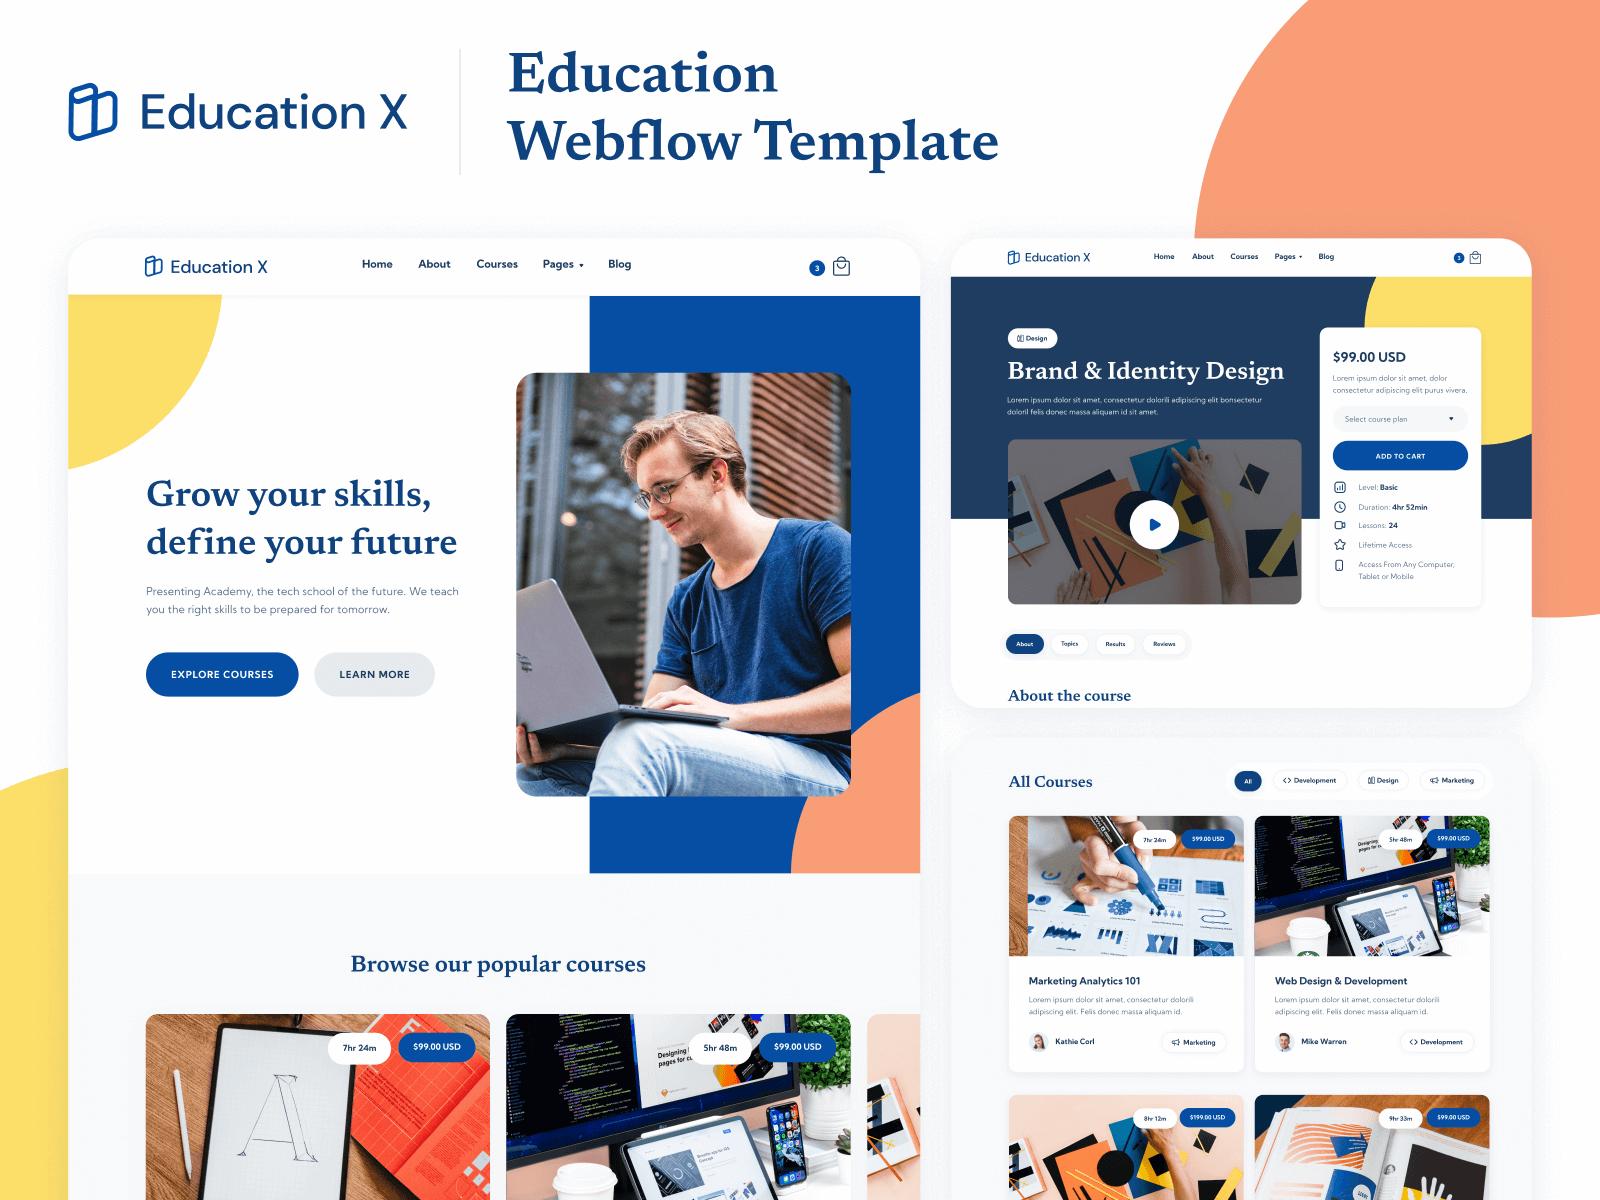 Education Webflow Template